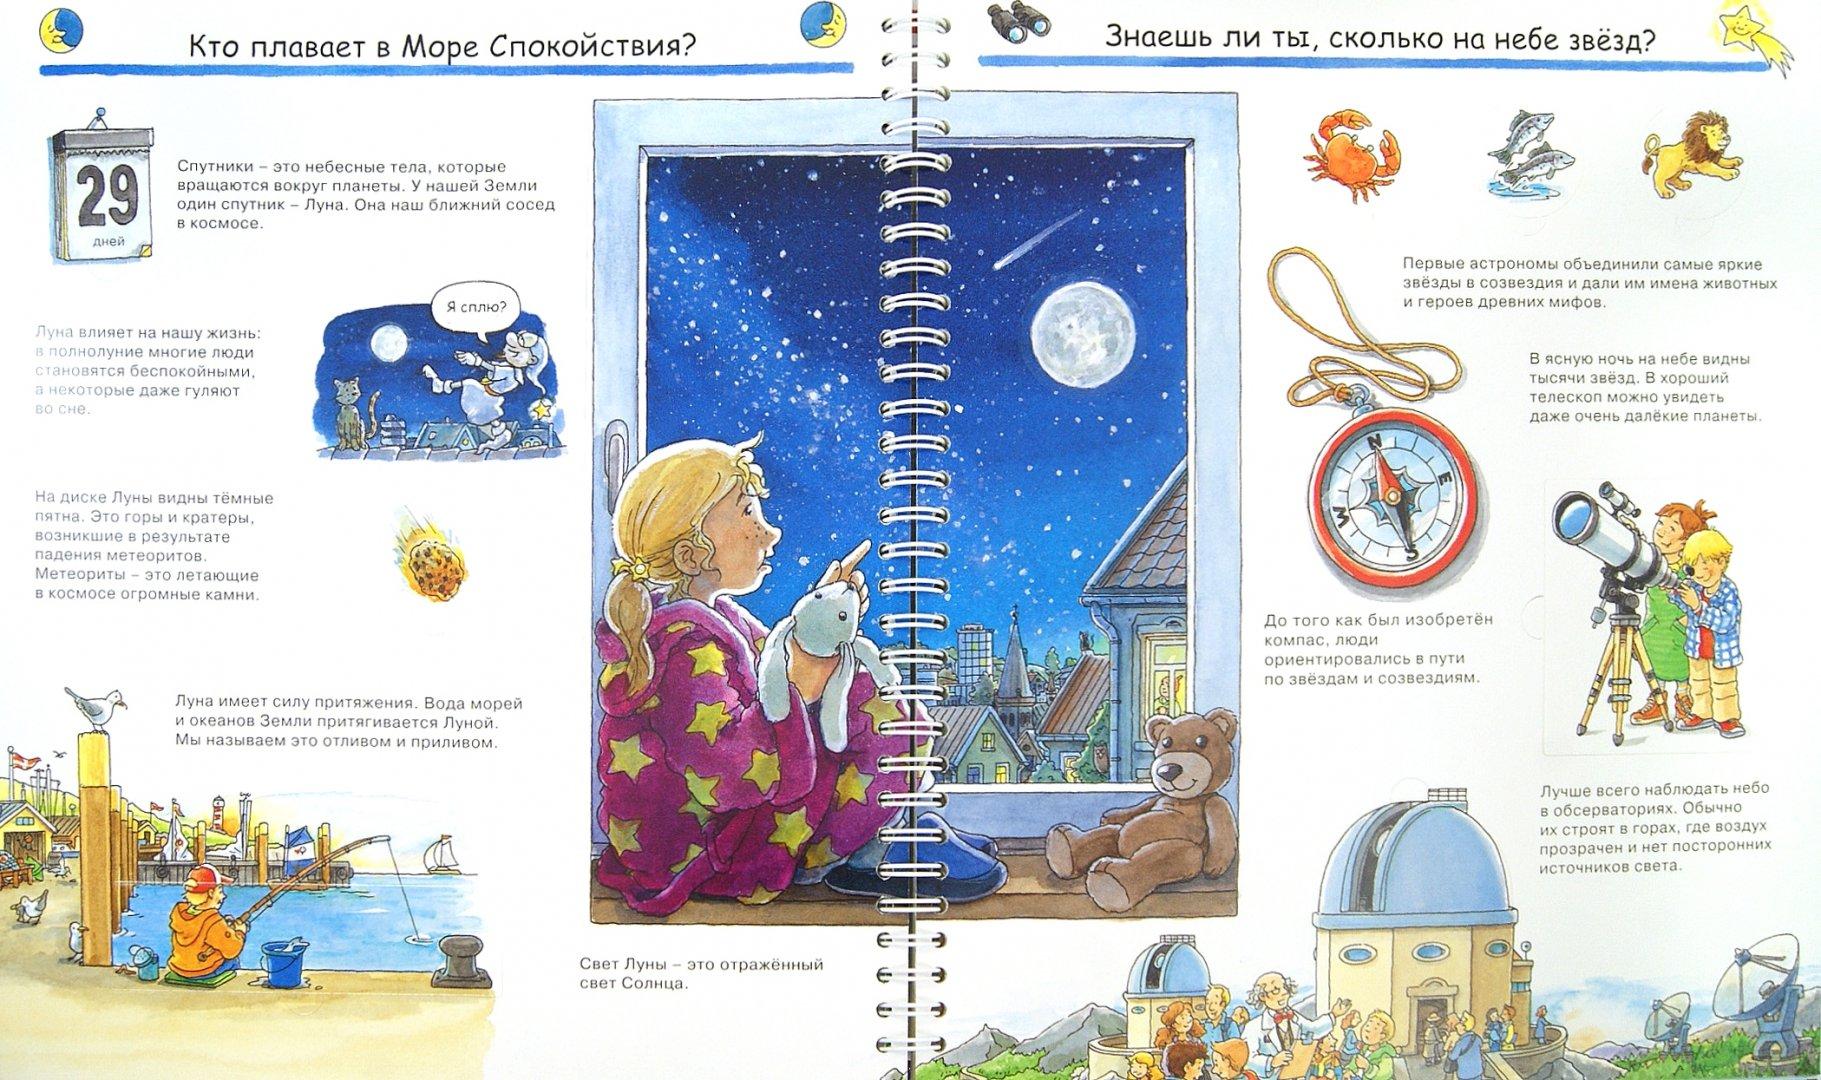 Иллюстрация 1 из 20 для Мы изучаем вселенную - Андреа Эрне | Лабиринт - книги. Источник: Лабиринт